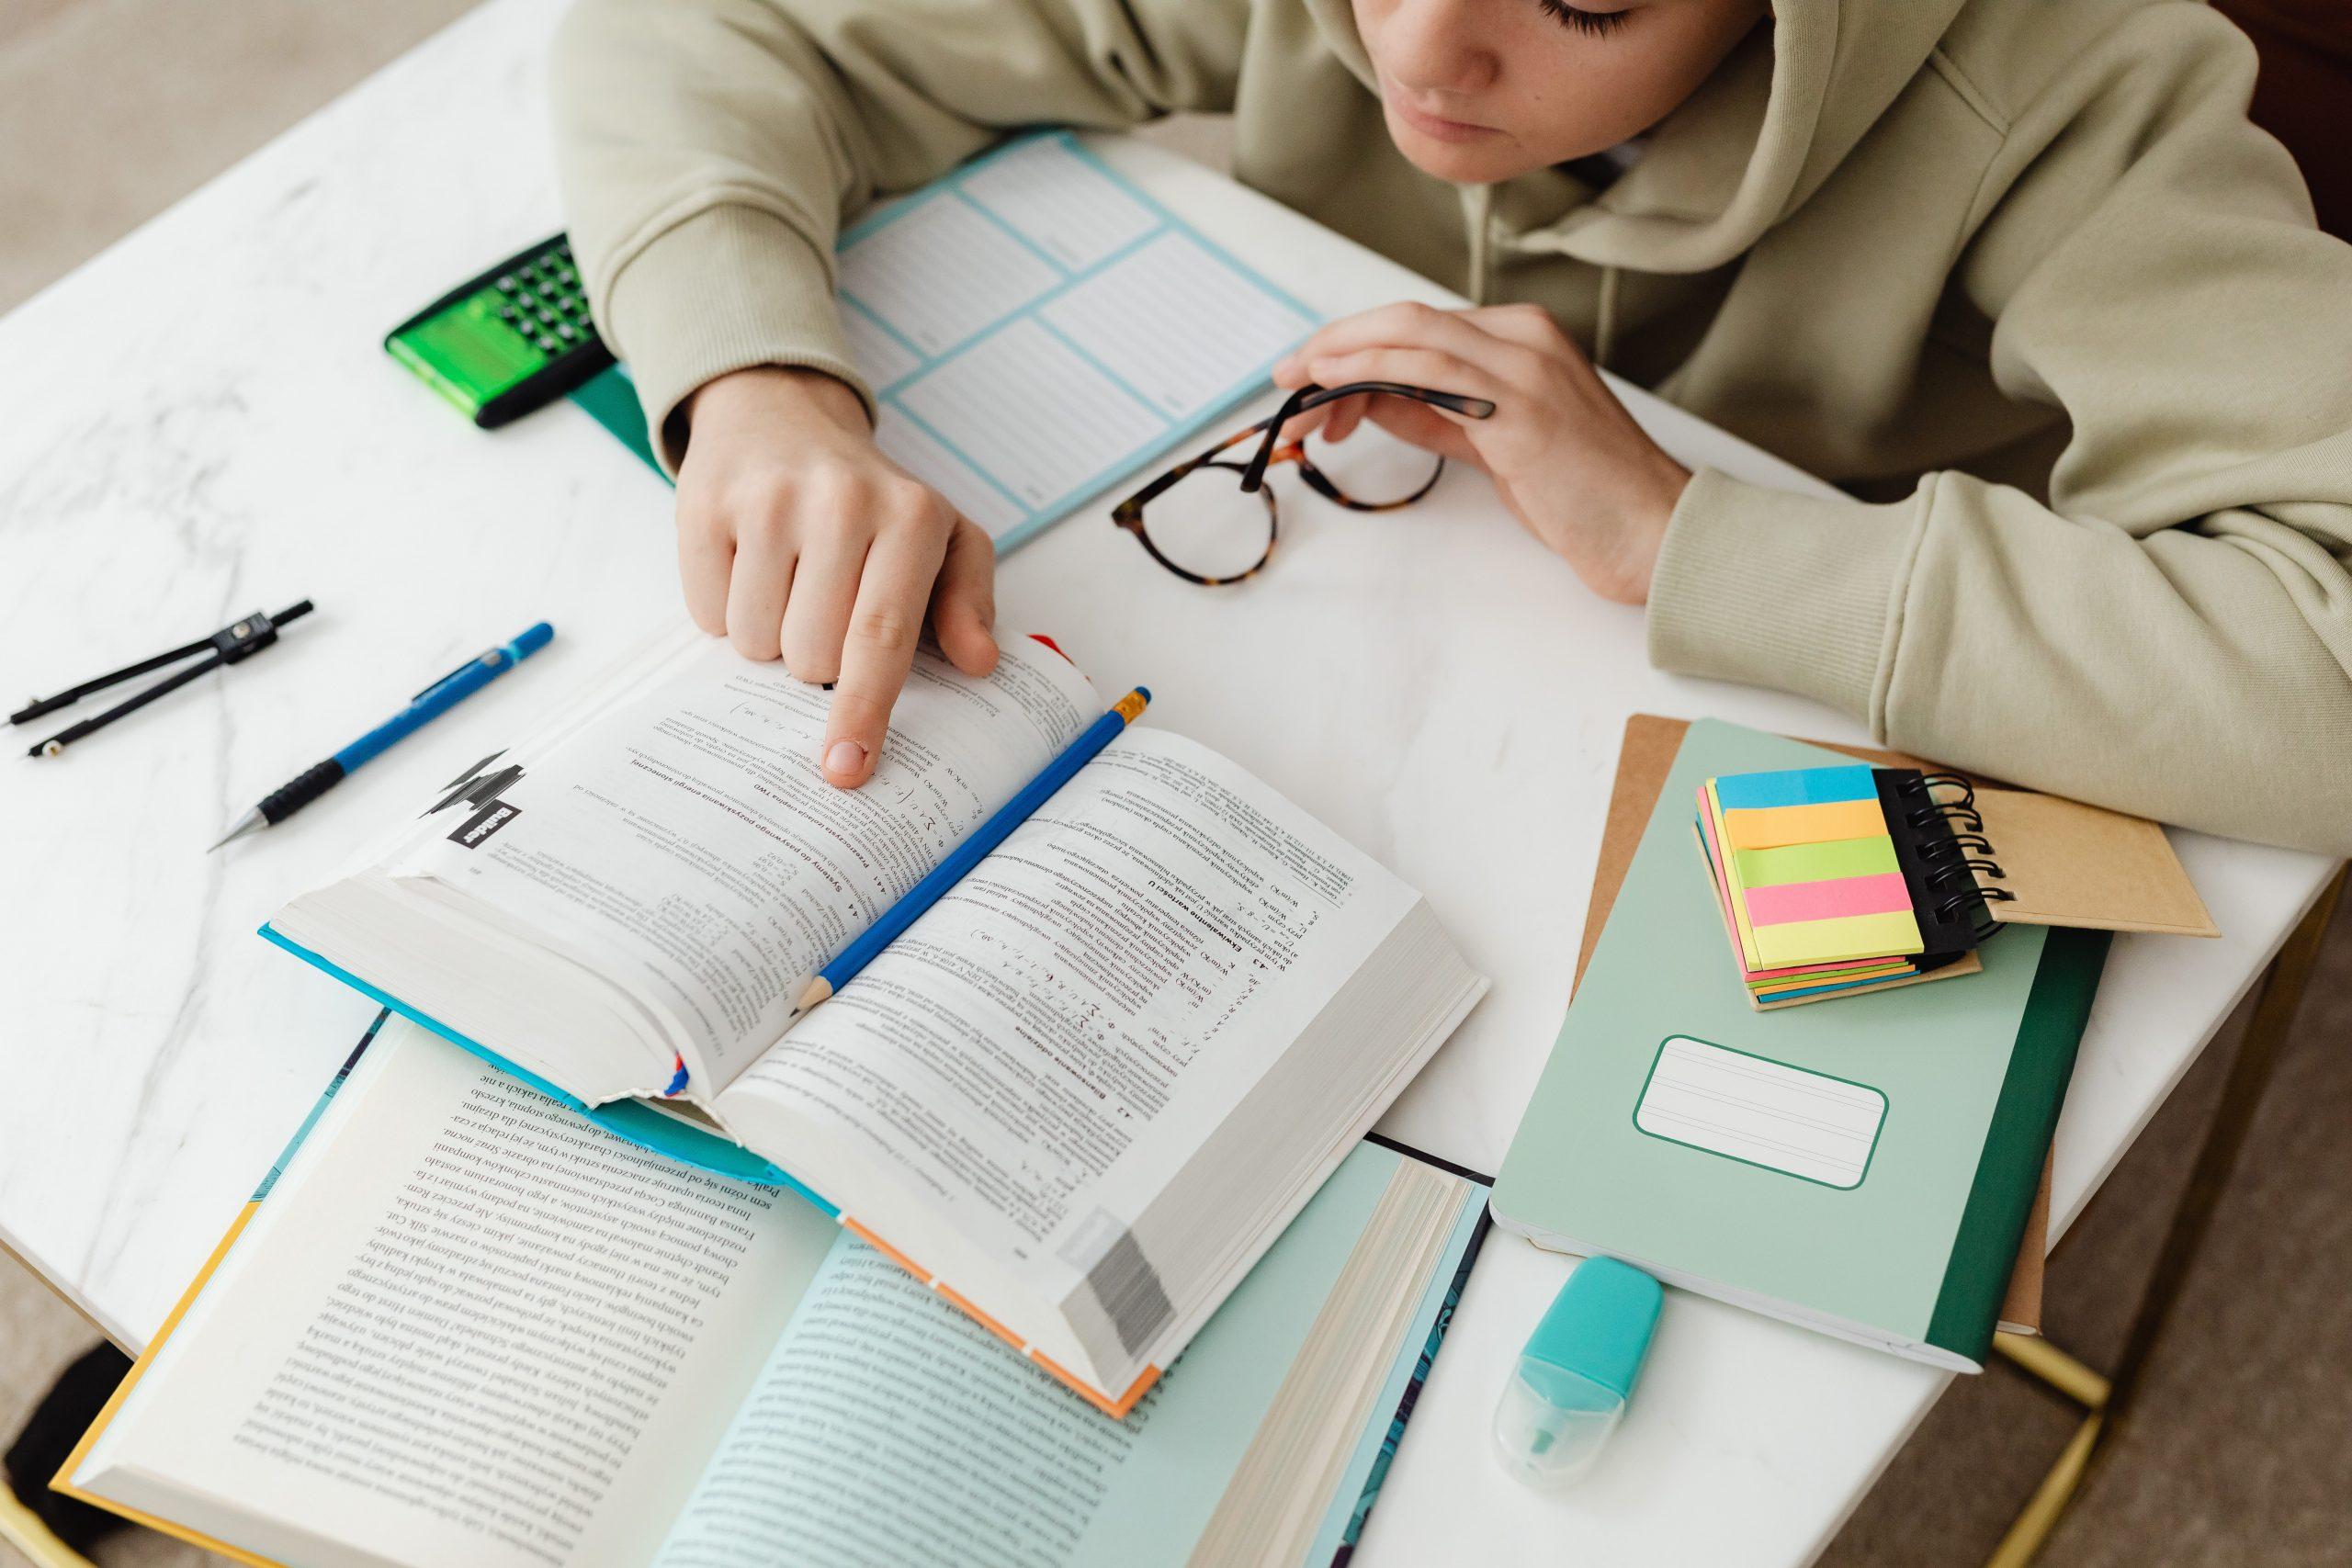 jeune adolescent étudie livre ouvert